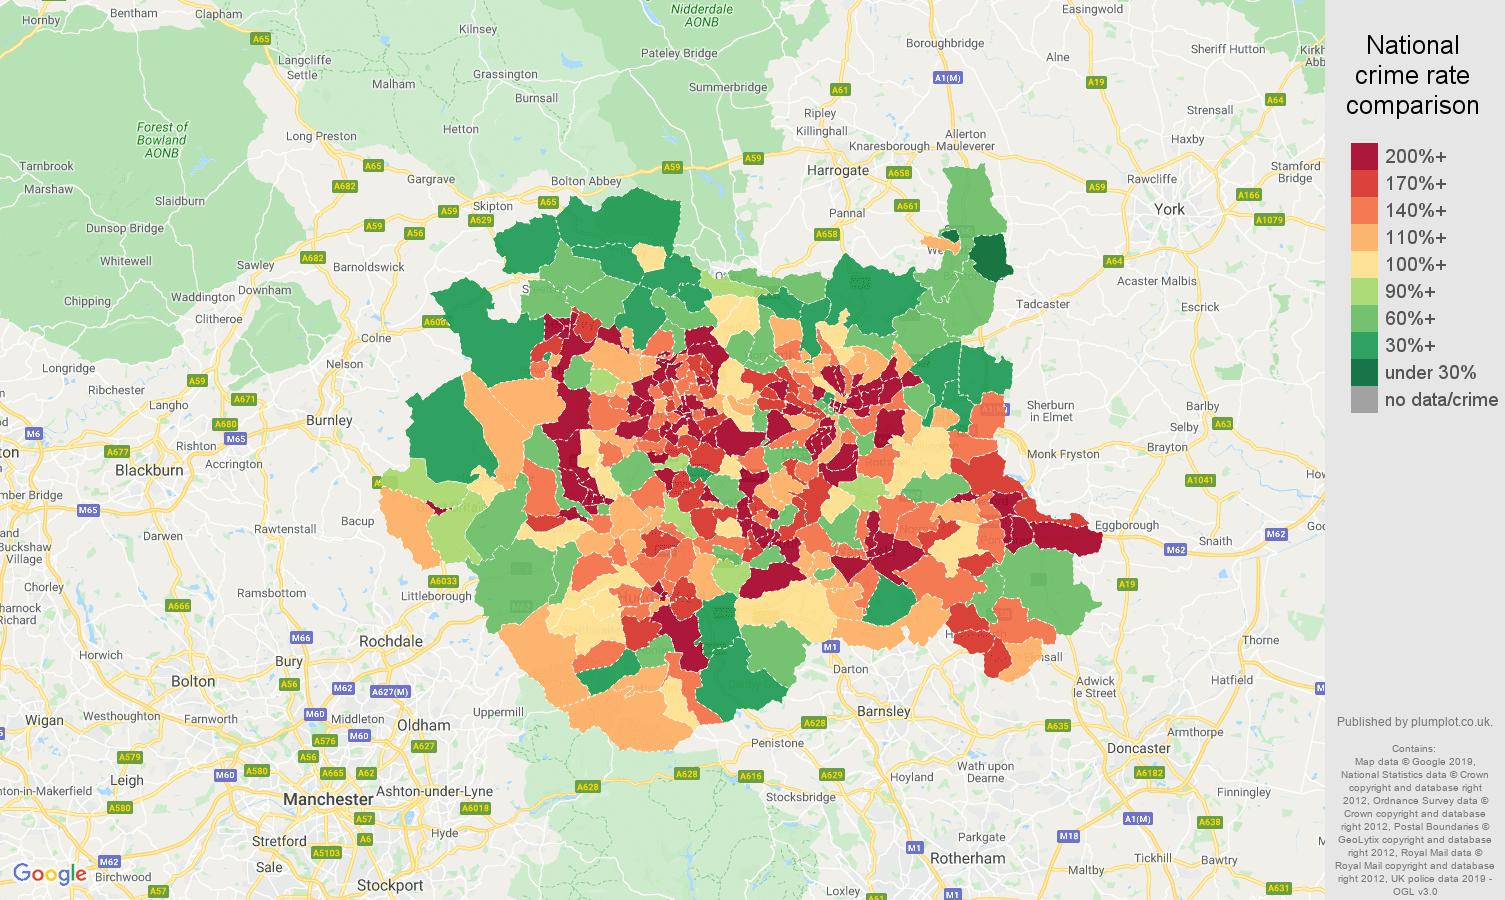 West Yorkshire public order crime rate comparison map